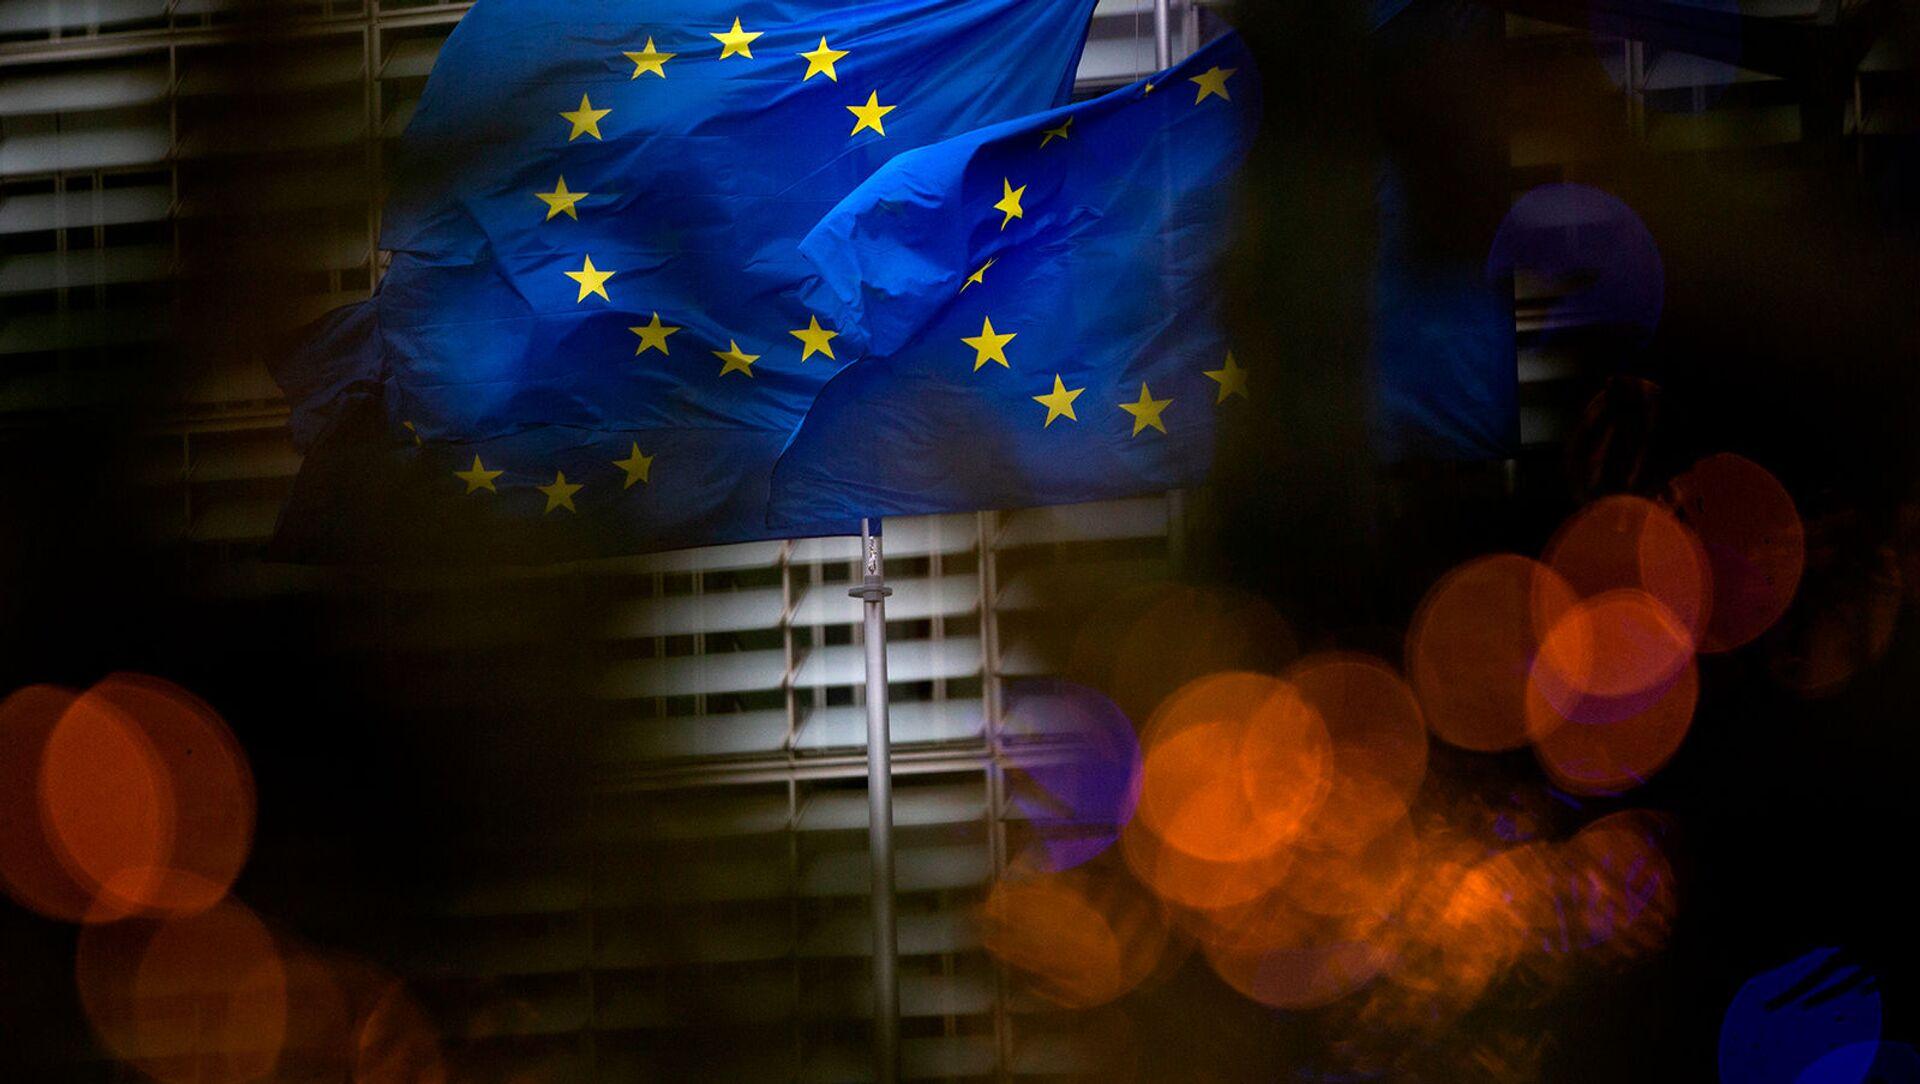 Флаги Европейского союза перед штаб-квартирой ЕС в Брюсселе - Sputnik Грузия, 1920, 10.02.2021